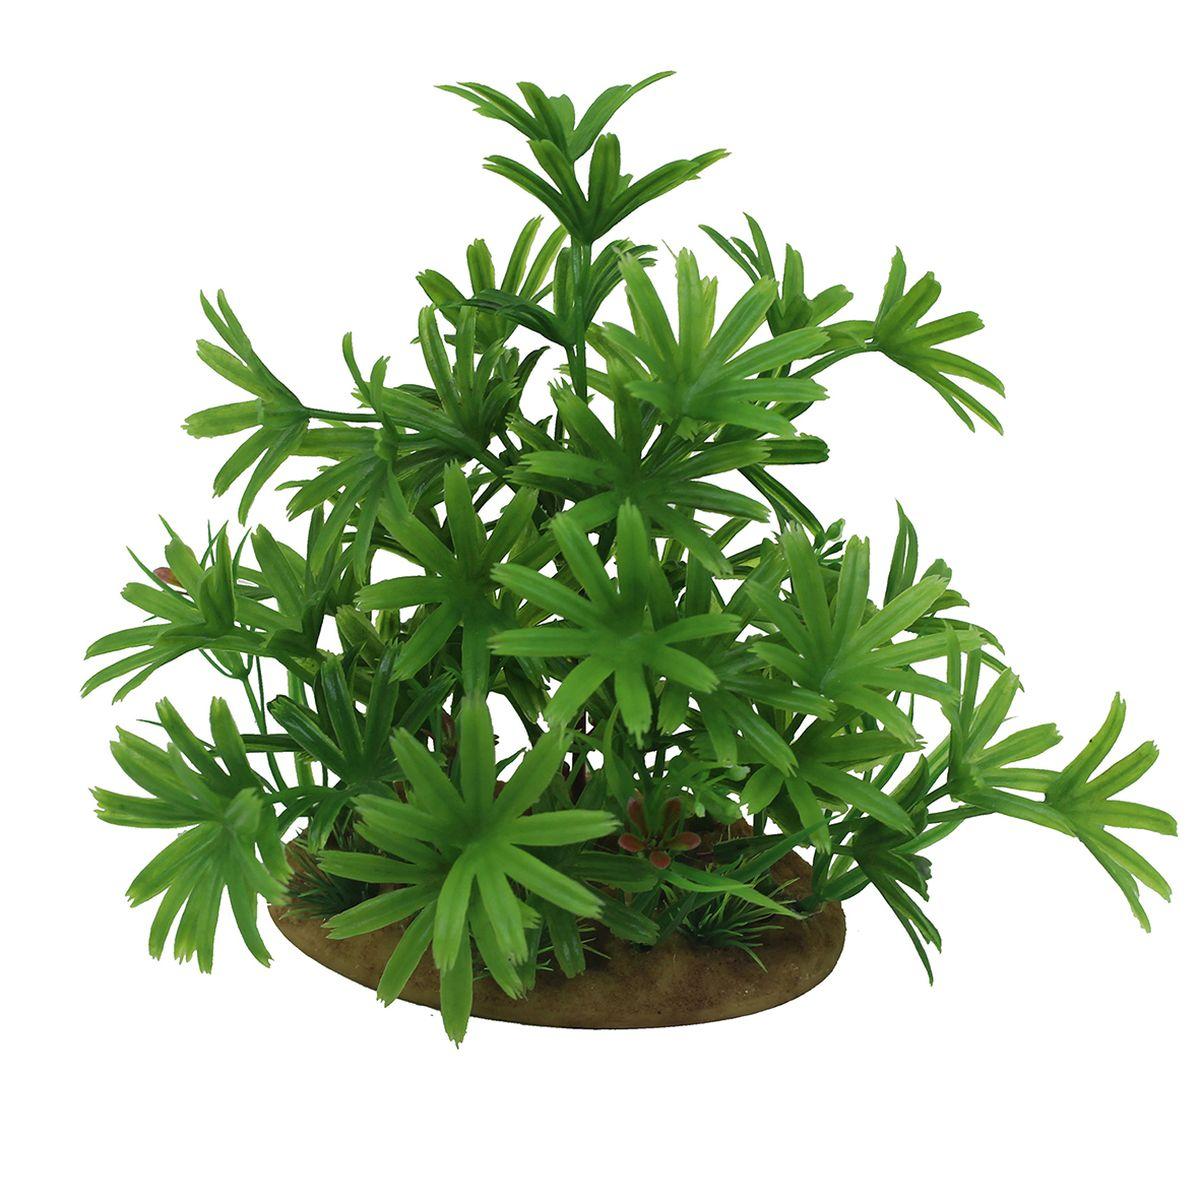 Растение для аквариума ArtUniq Бамбуза зеленая, высота 15 см0120710Композиция из искусственных растений ArtUniq превосходно украсит и оживит аквариум.Растения - это важная часть любой композиции, они помогут вдохнуть жизнь в ландшафт любого аквариума или террариума. А их сходствос природными порадует даже самых взыскательных ценителей.